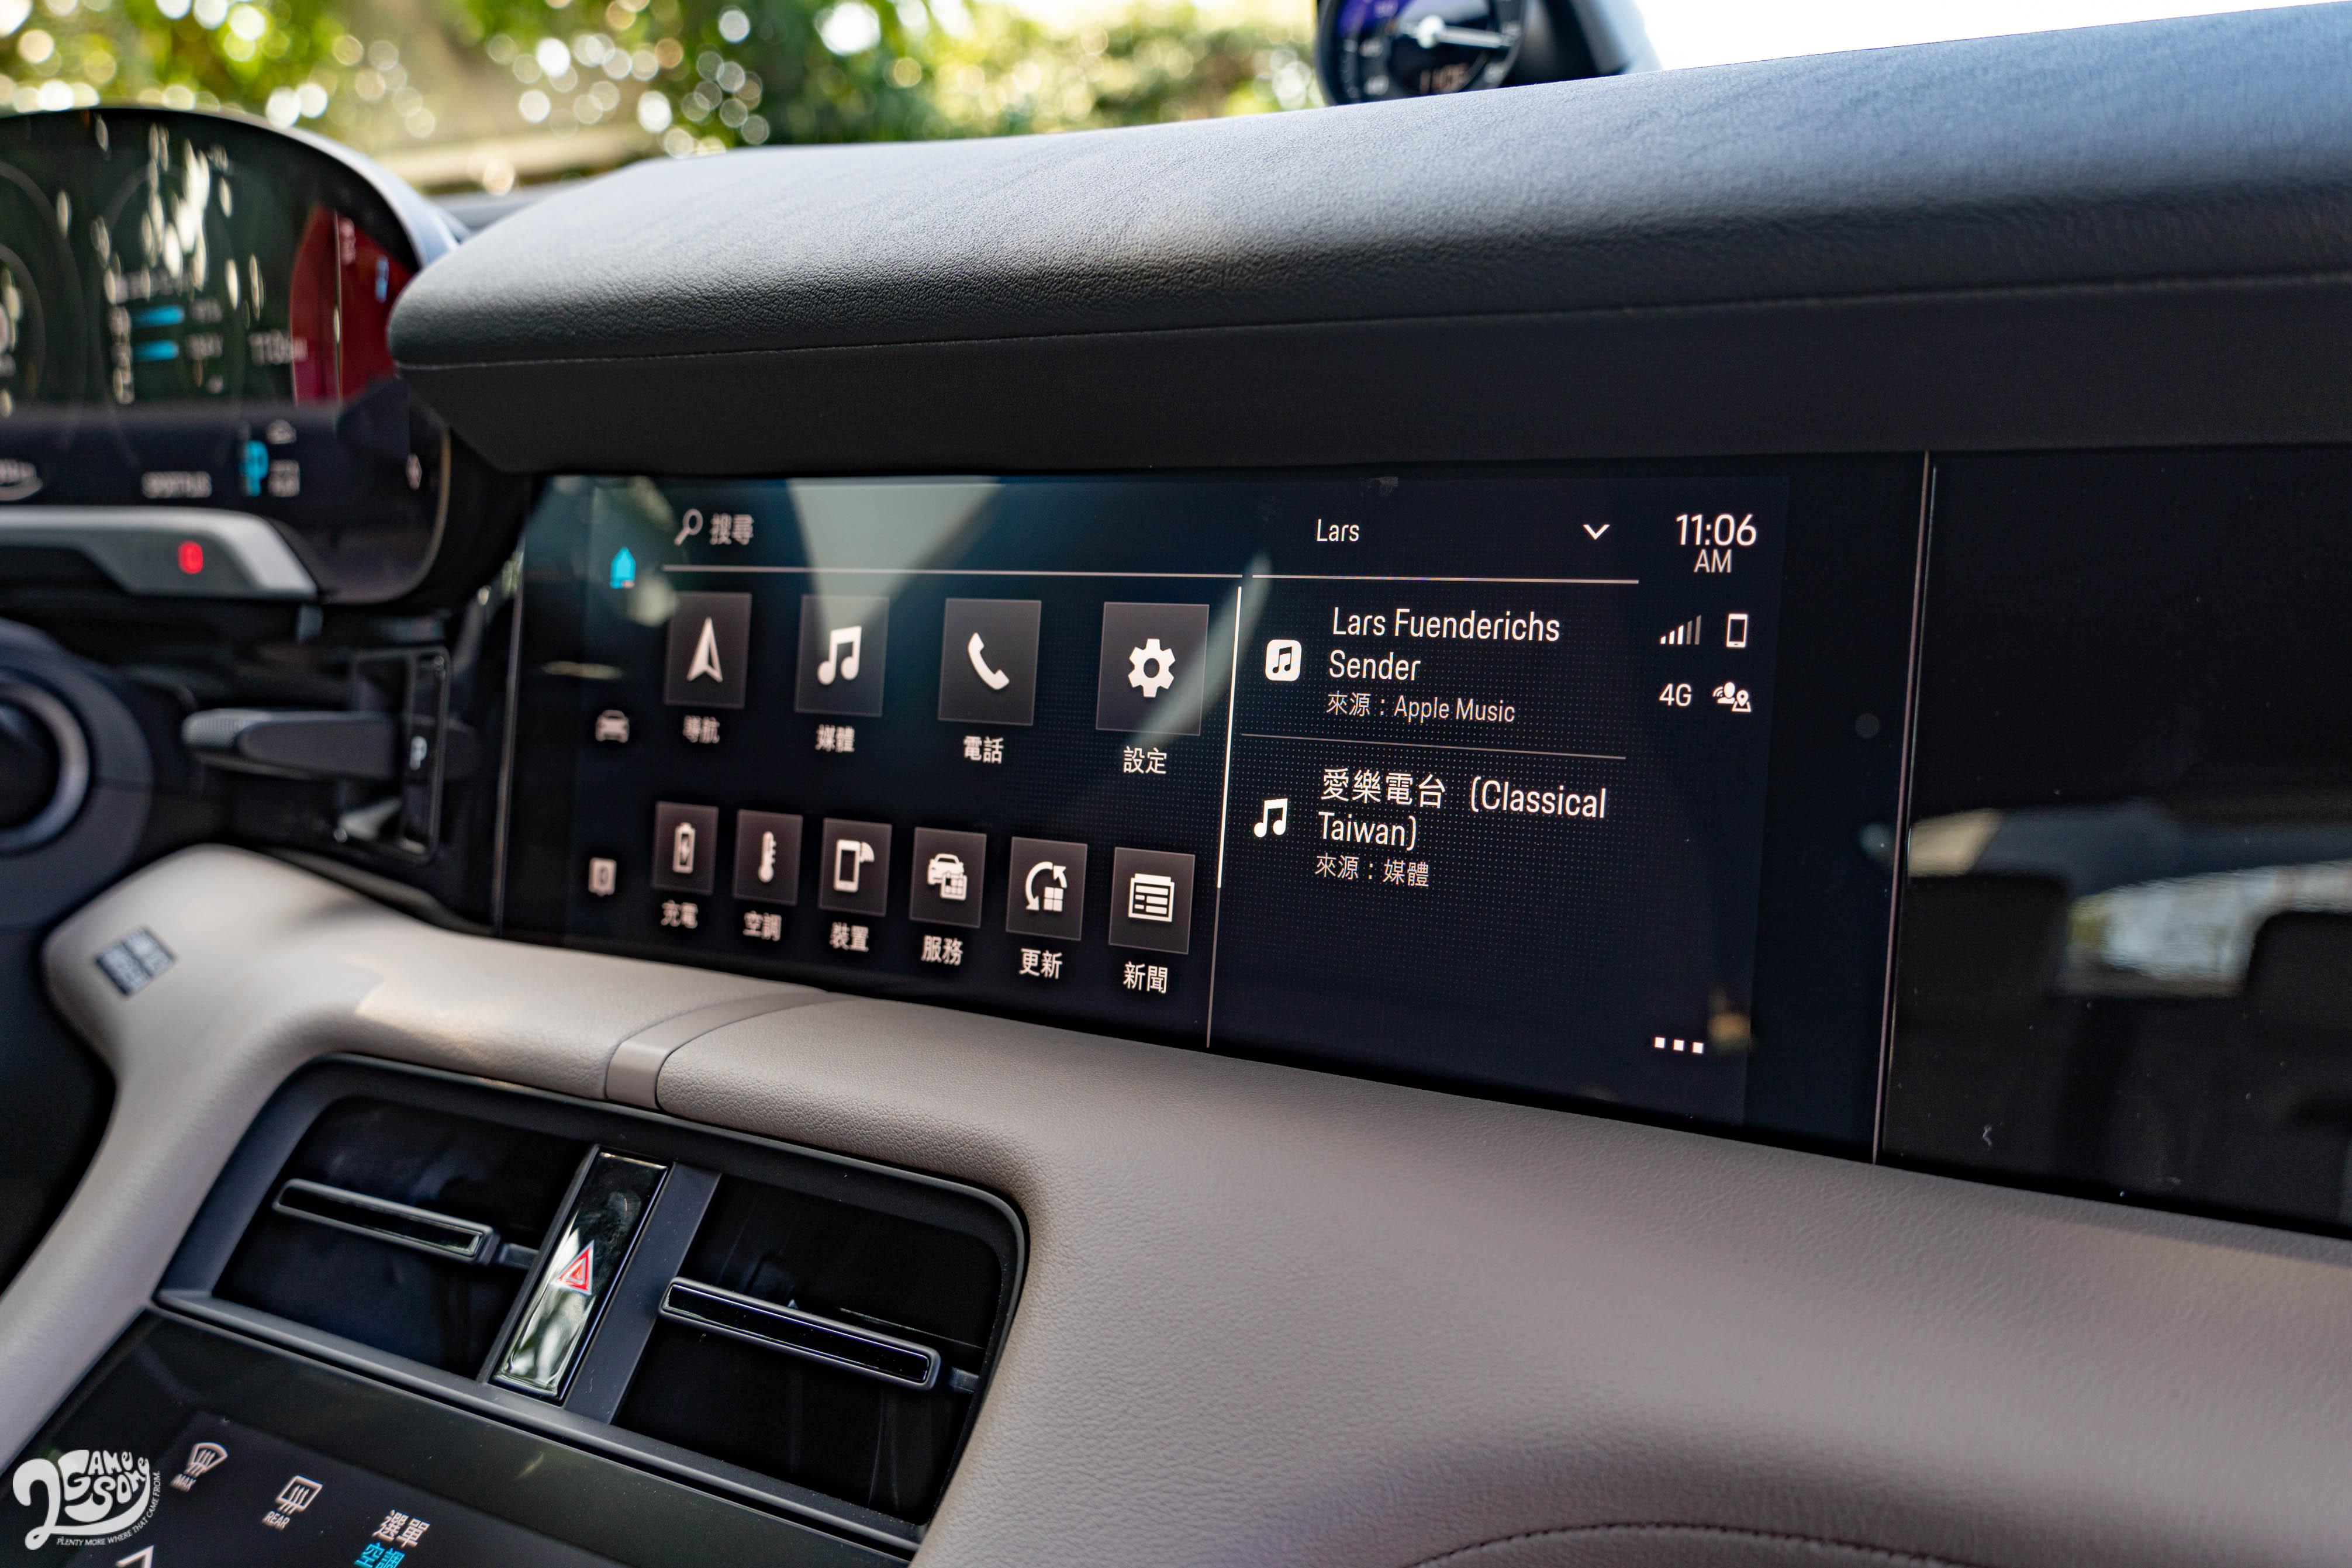 保時捷通訊管理系統由中央 10.25 吋觸控螢幕控制,並支援 Apple CarPlay 與 Android Auto。